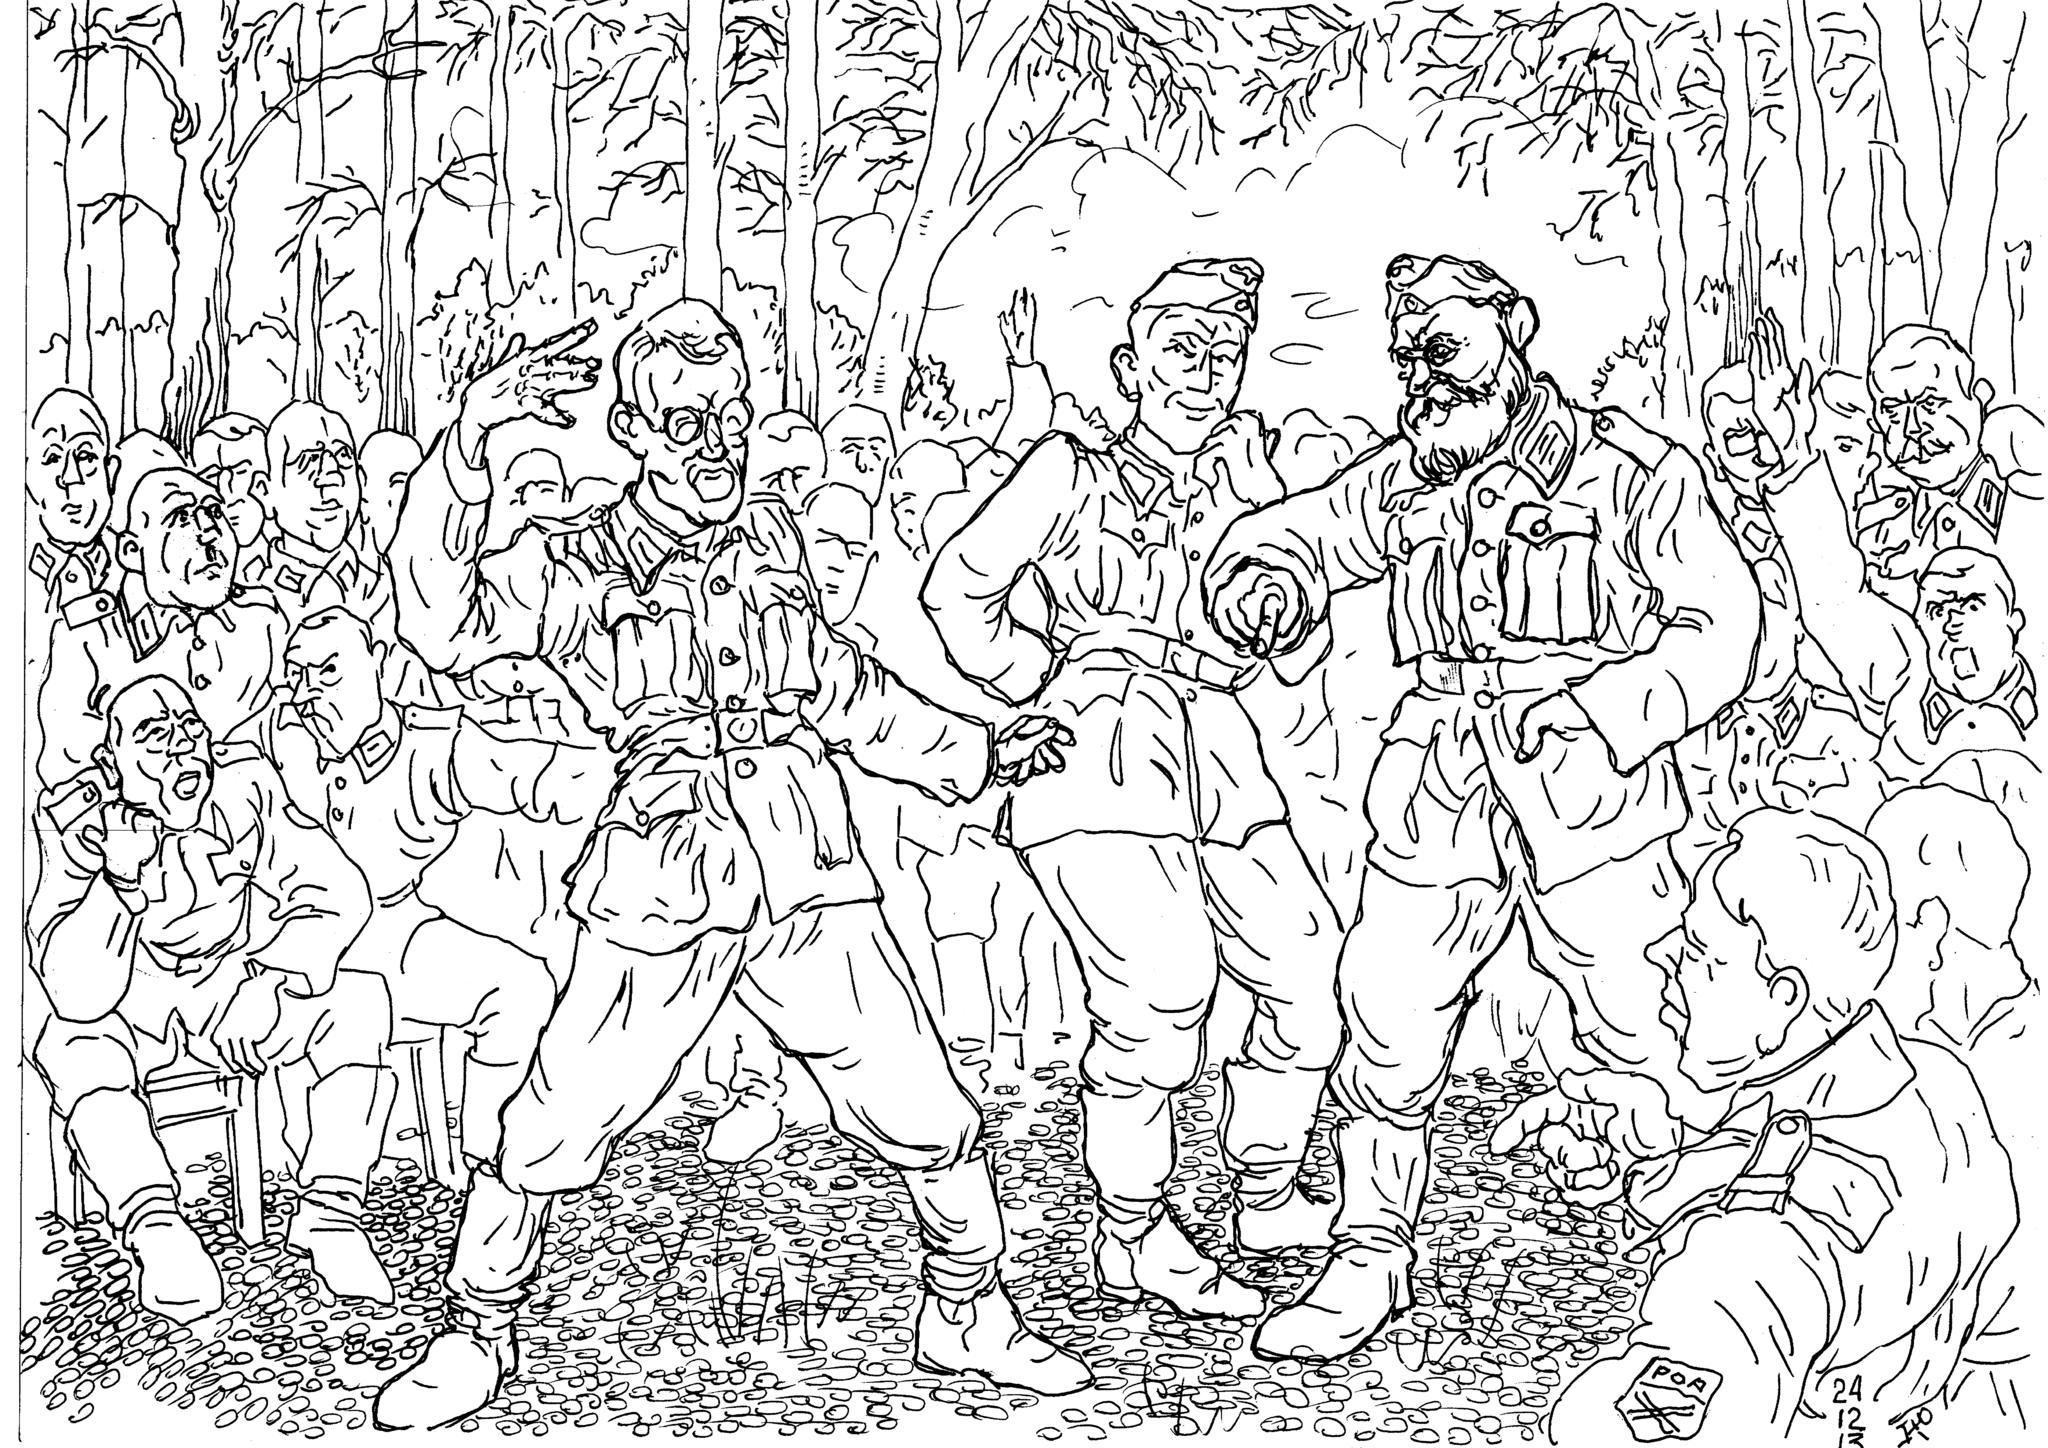 Политические занятия в подразделениях русской освободительной армии